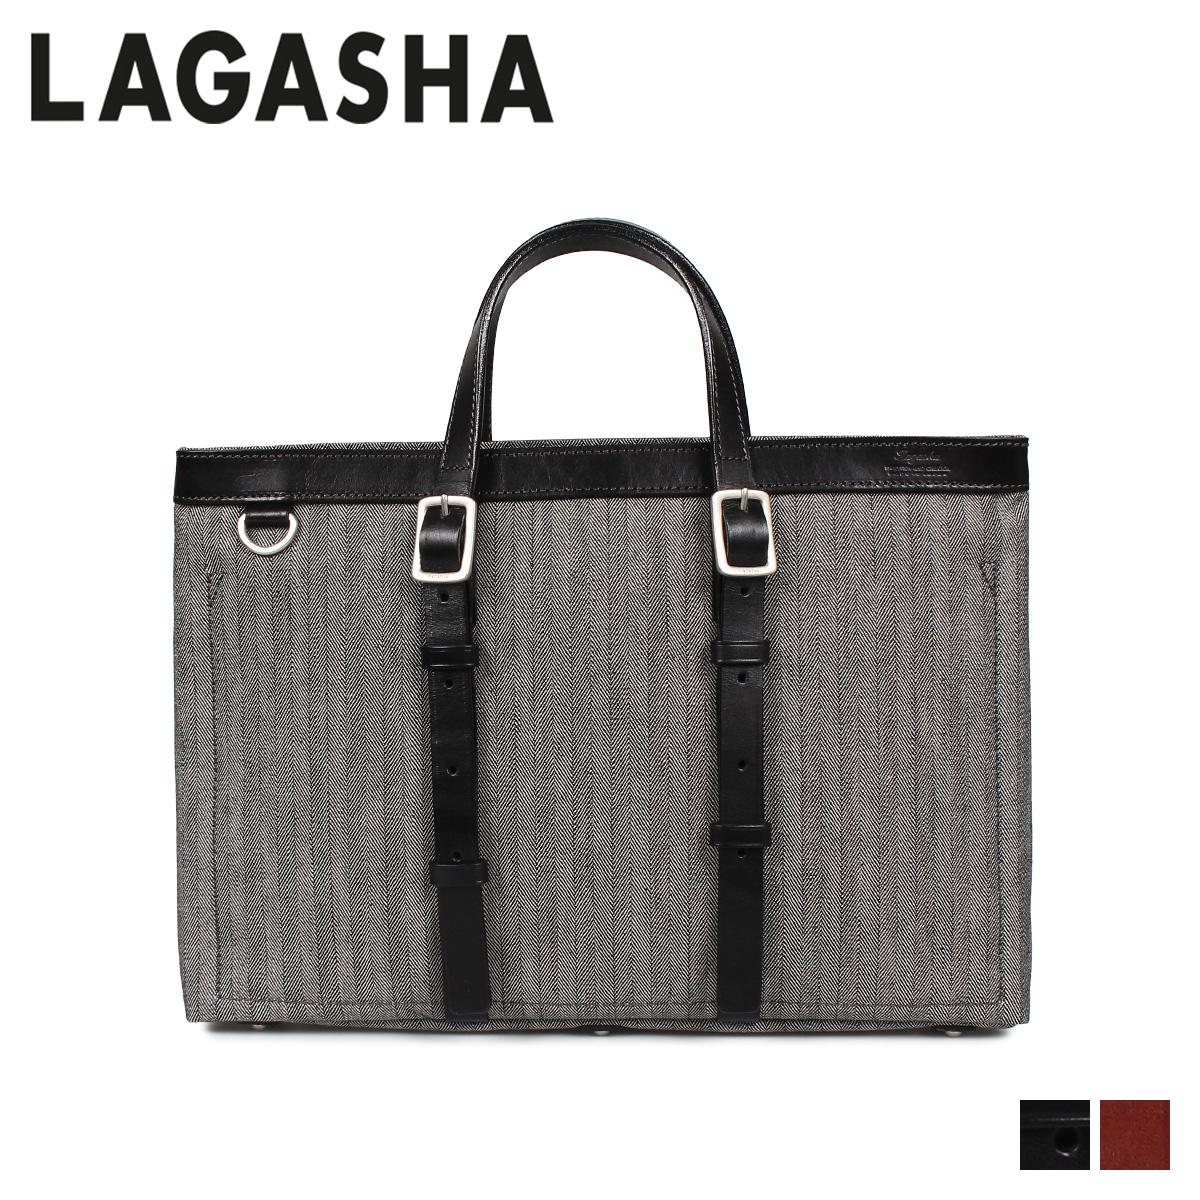 LAGASHA ラガシャ アール&ディー バッグ トートバッグ メンズ R&D ブラック ダーク ブラウン 黒 7493